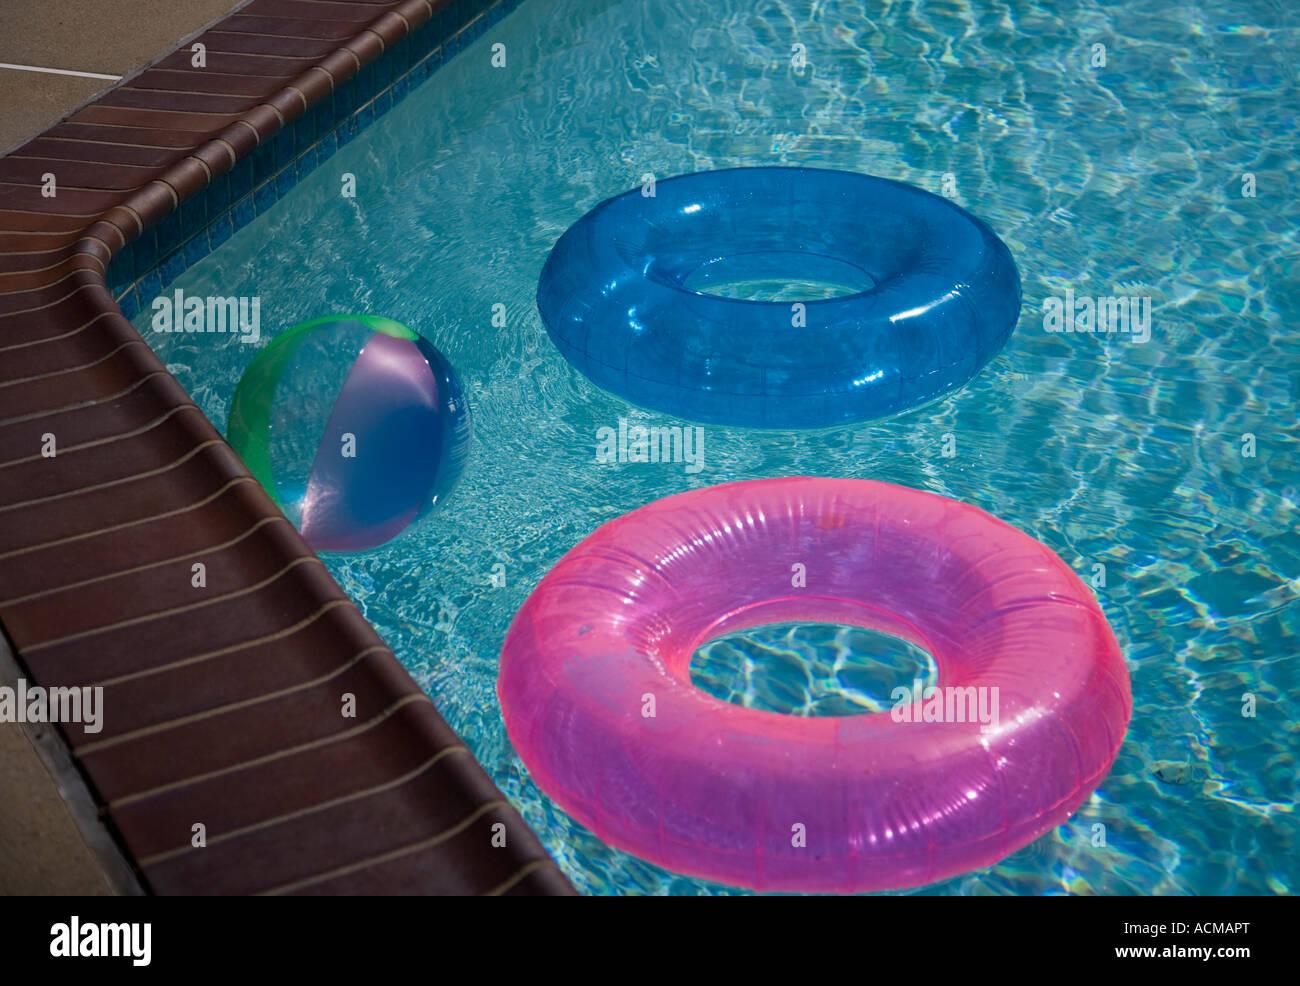 Aufblasbare Spielzeuge In Einem Hinterhof Pool Stockfoto